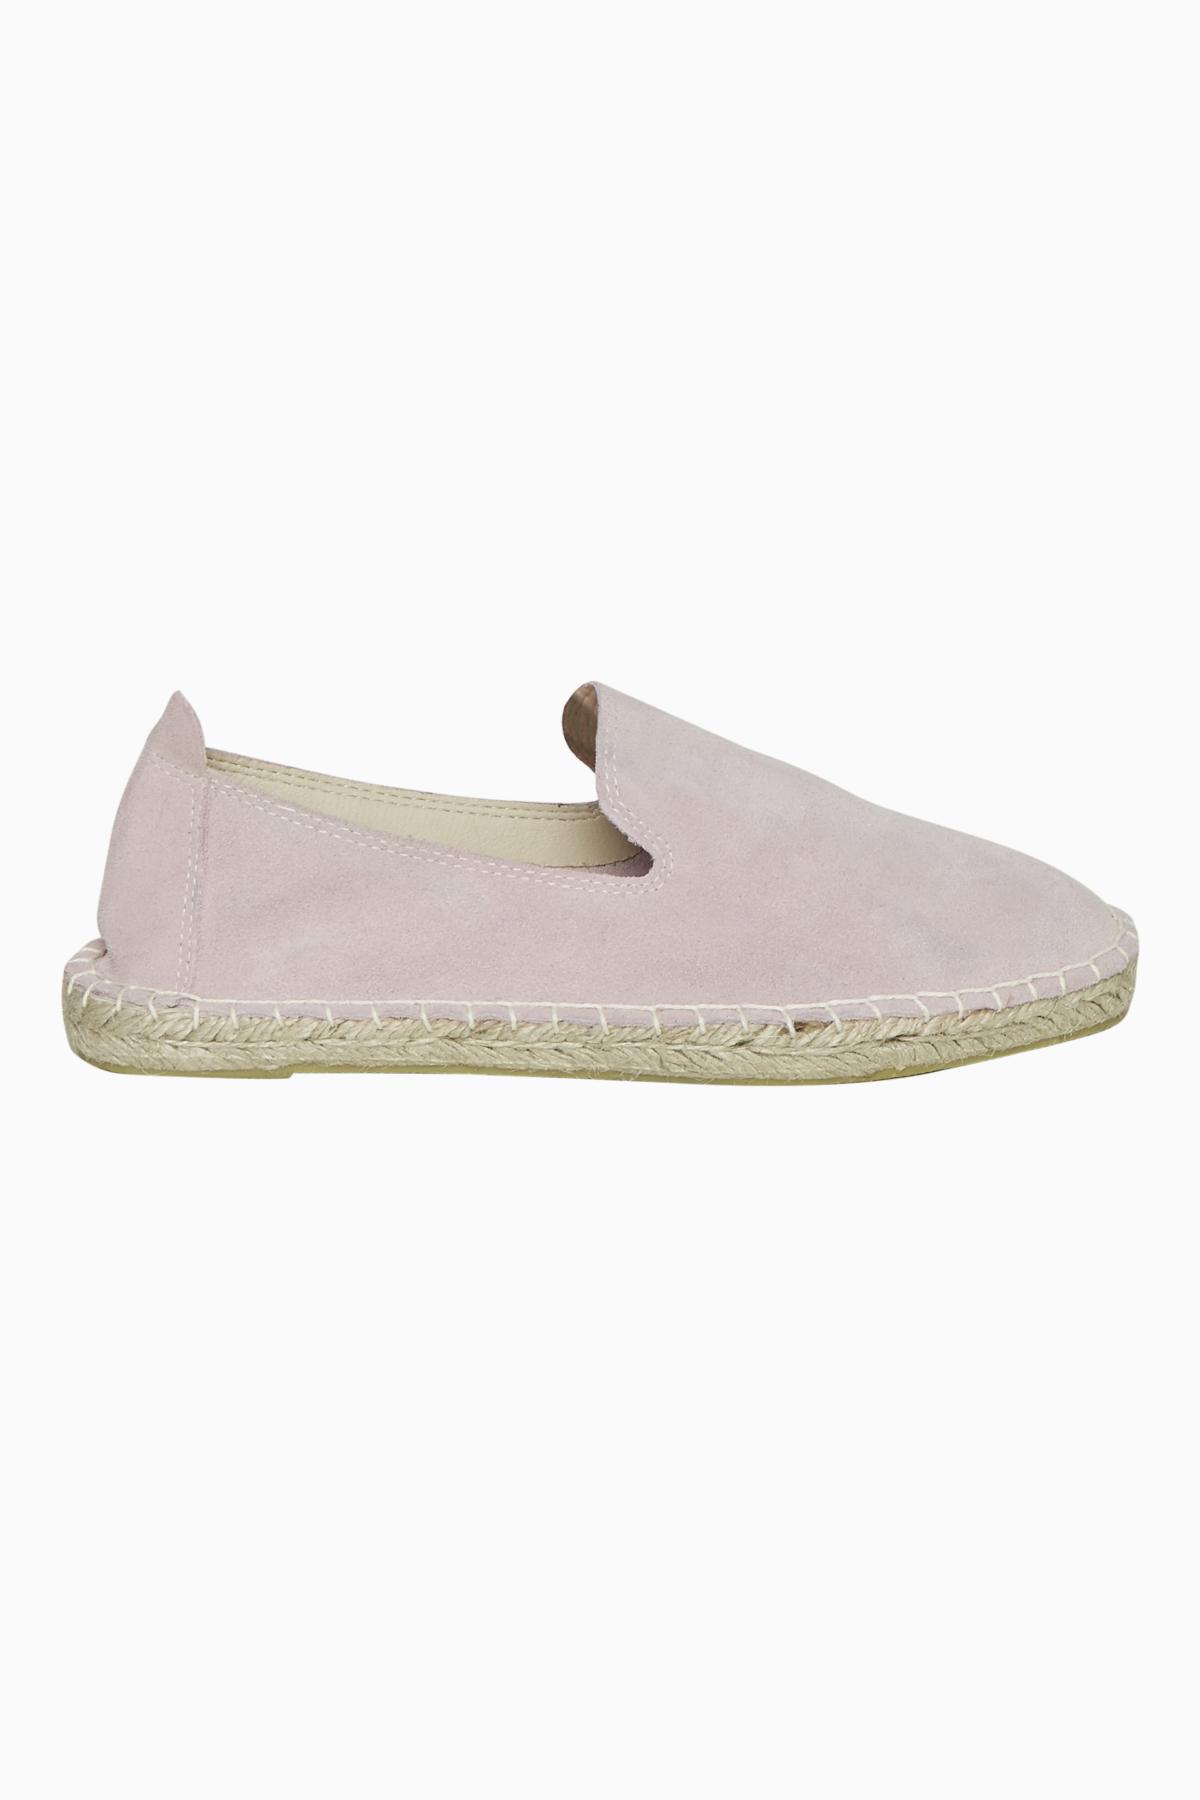 Rosa Schuh von Ichi - accessories – Shoppen Sie Rosa Schuh ab Gr. 36-42 hier